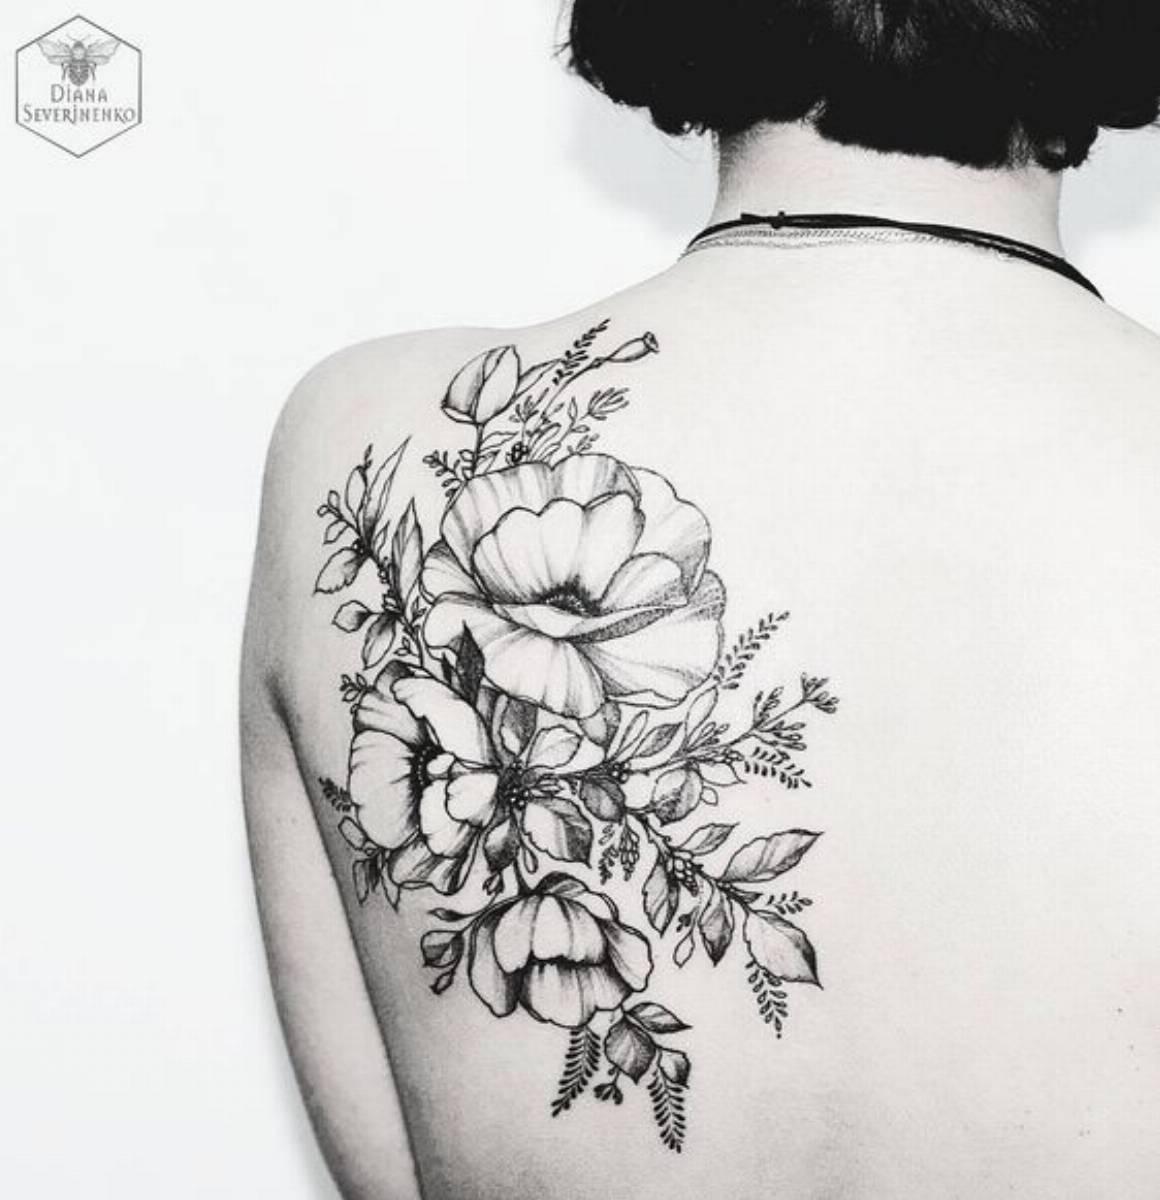 Tatuaże w kwiaty - co o nich sądzicie? - KobietaMag.pl  Tatuaże w kwia...